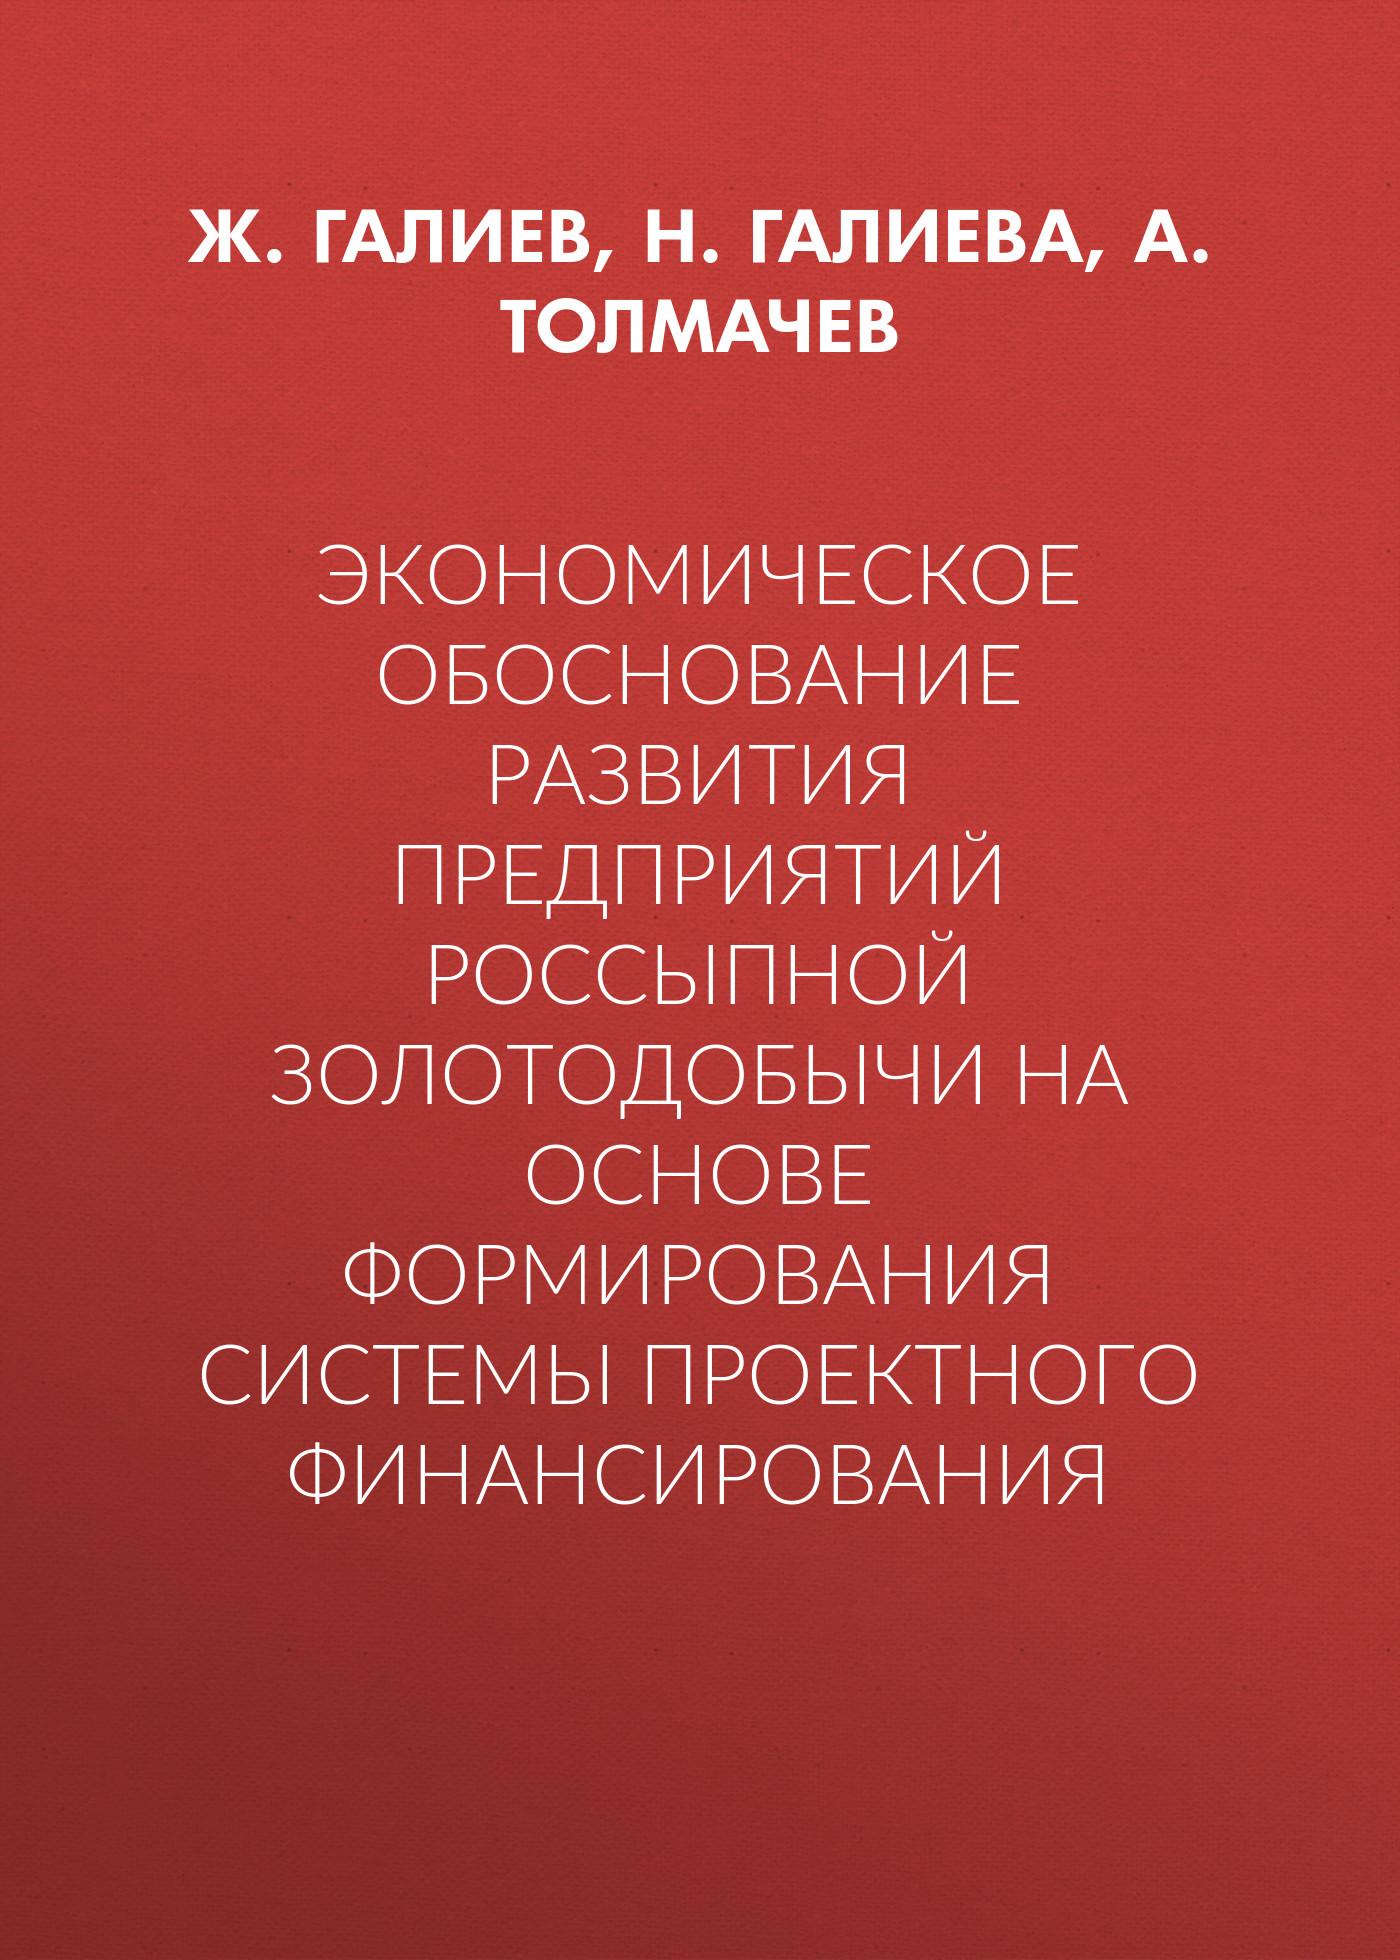 Ж. Галиев Экономическое обоснование развития предприятий россыпной золотодобычи на основе формирования системы проектного финансирования